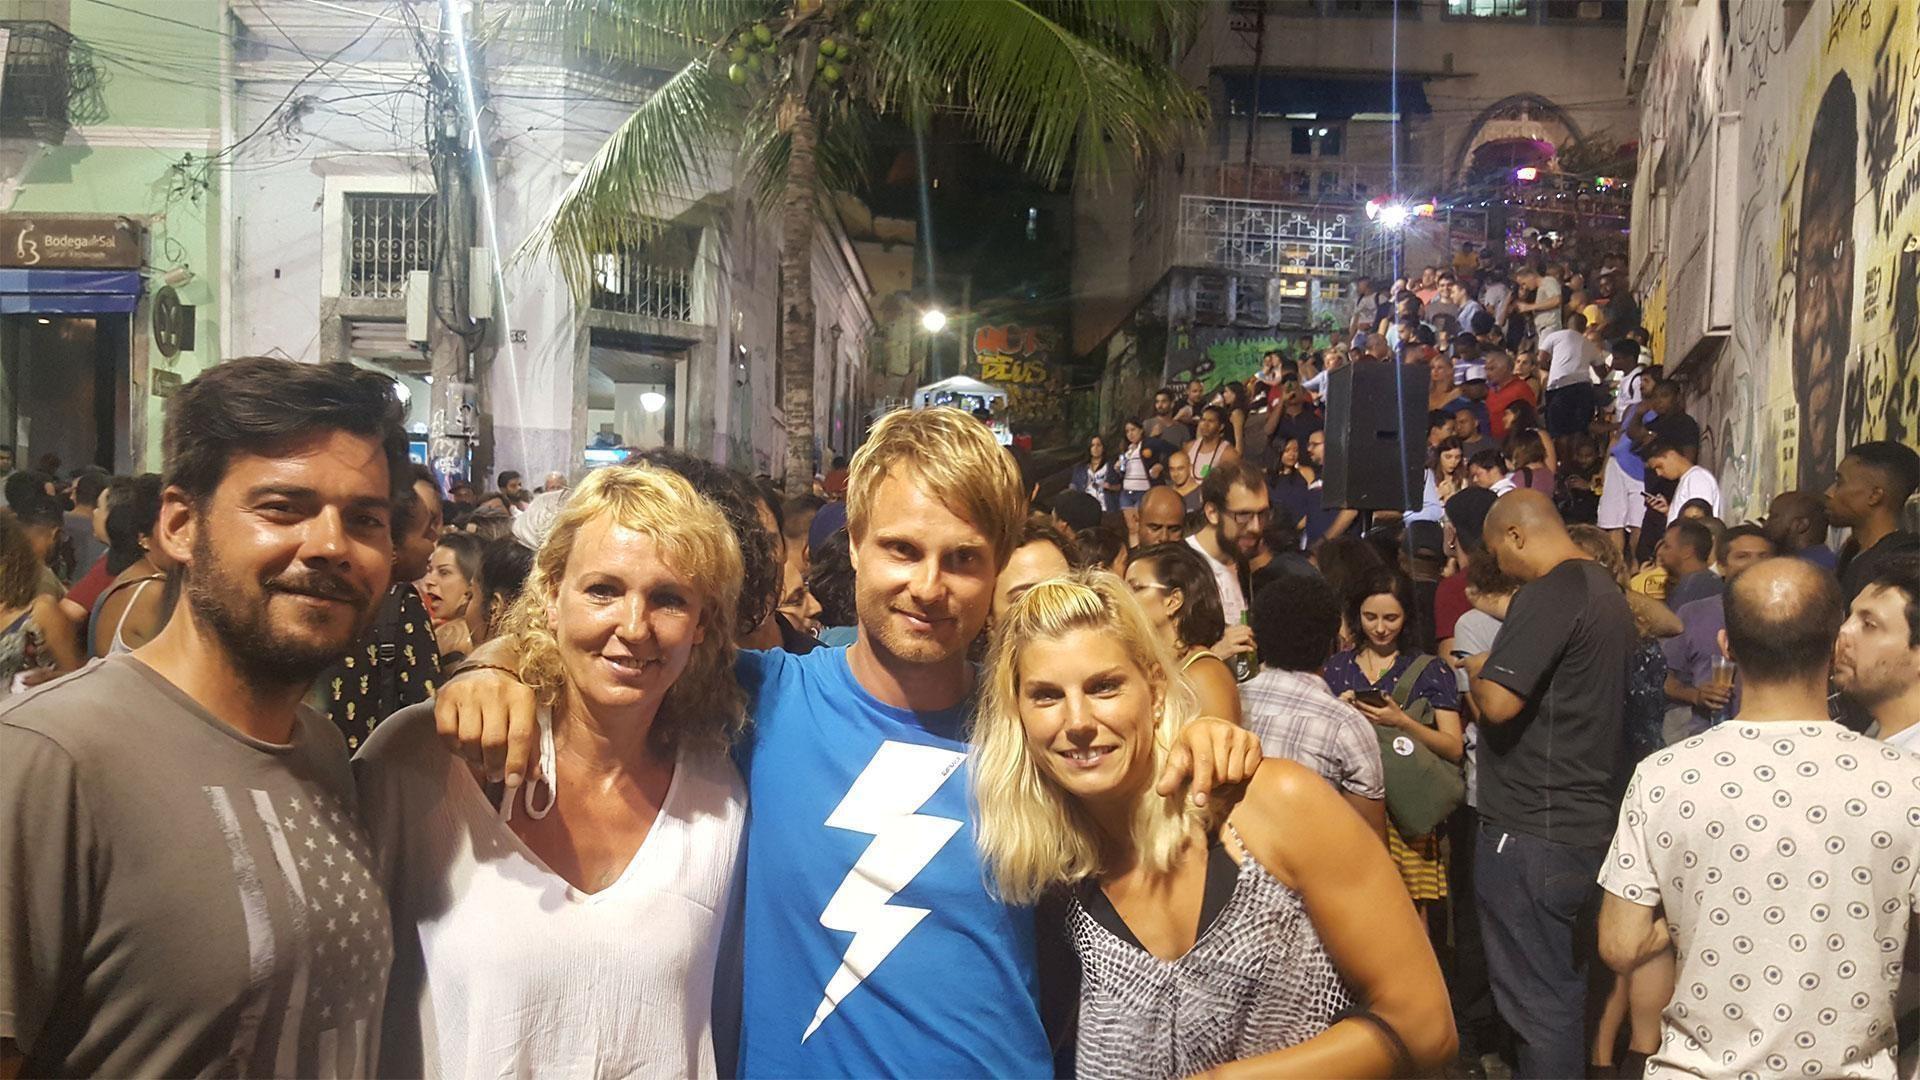 Kajtanje in žur v Riu de Janeiru